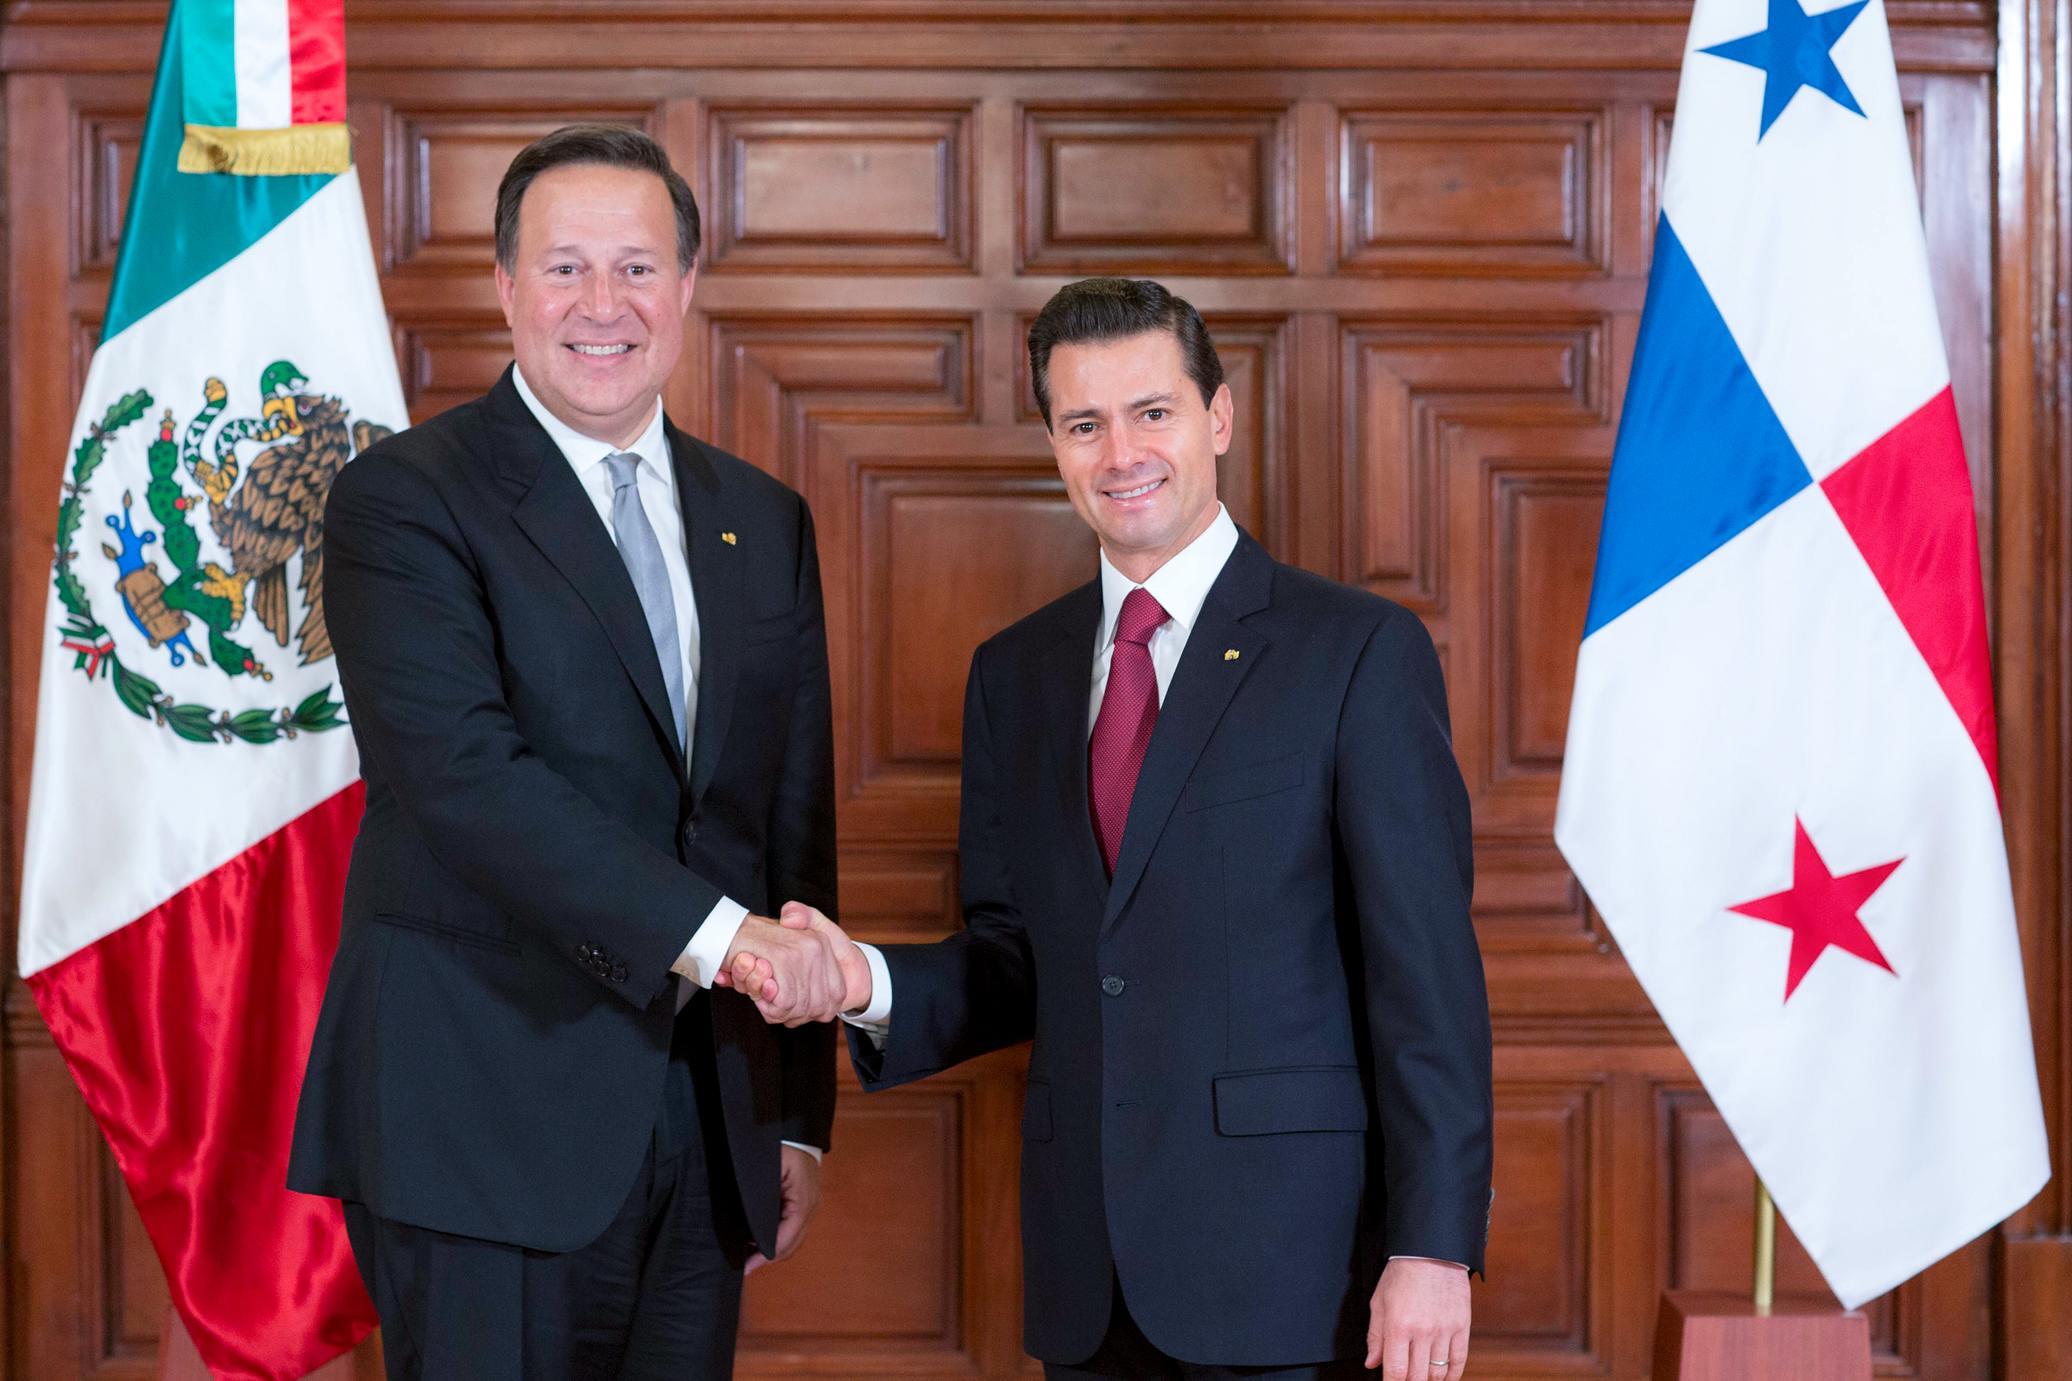 A partir del Acuerdo de Libre Comercio celebrado con Panamá, los flujos comerciales han venido creciendo.